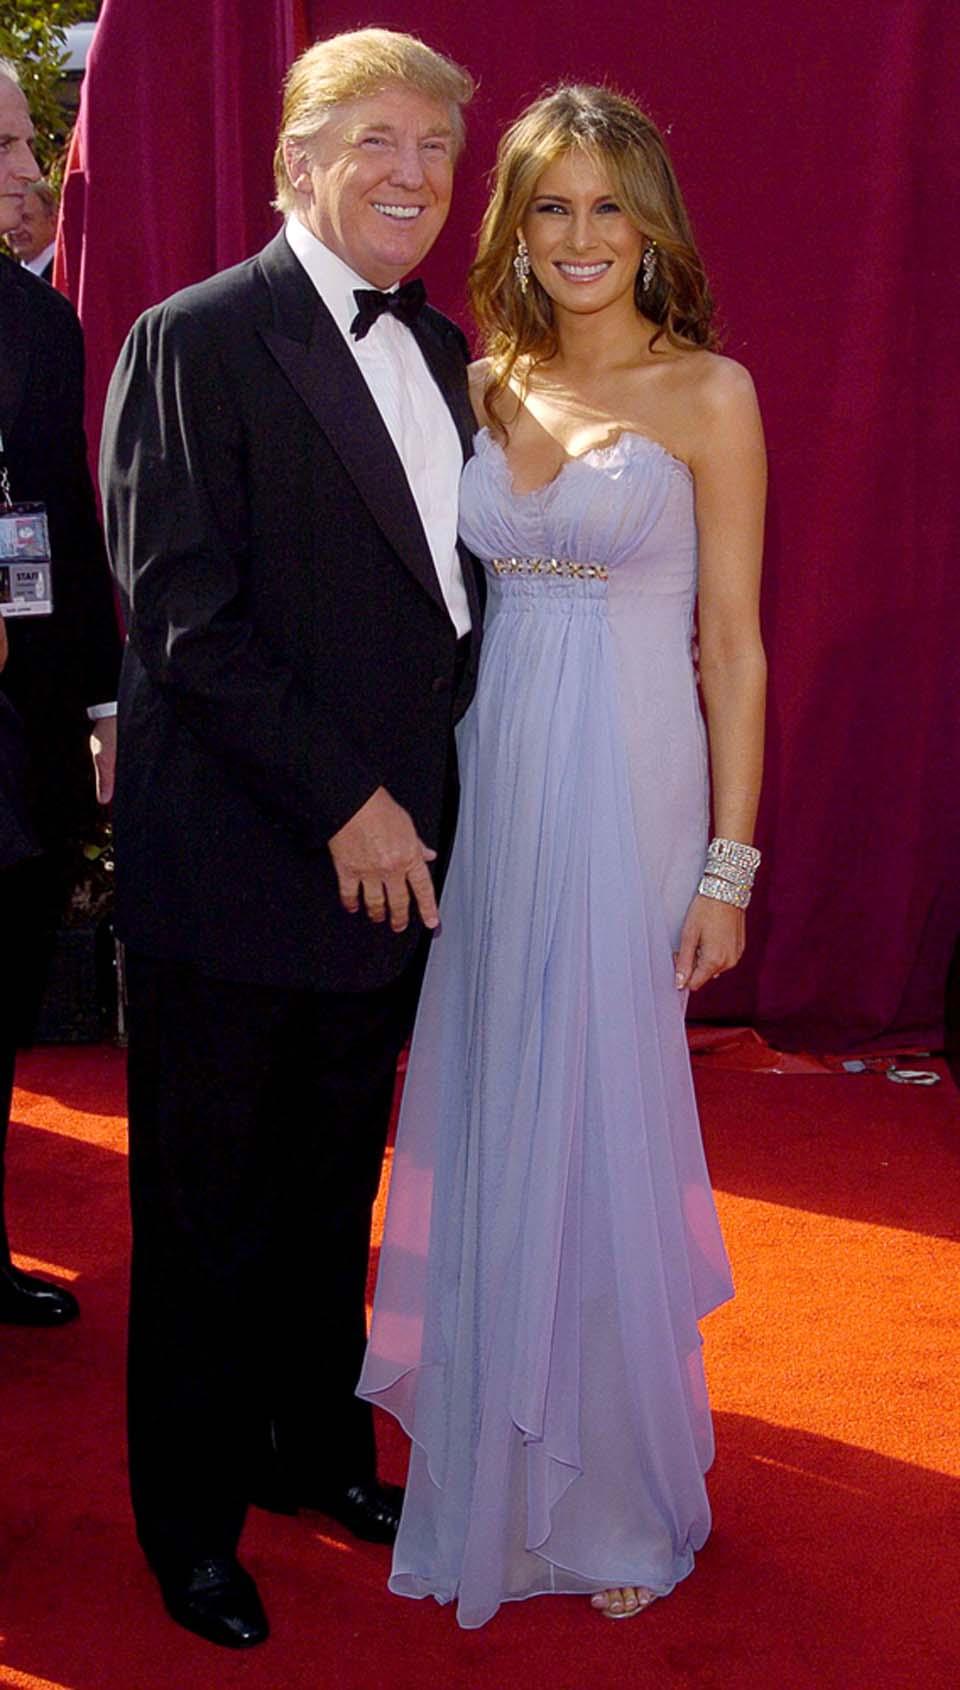 Мелания и Дональд Трамп на вручении премии ЭММИ, 2005. Фото: Shutterstock